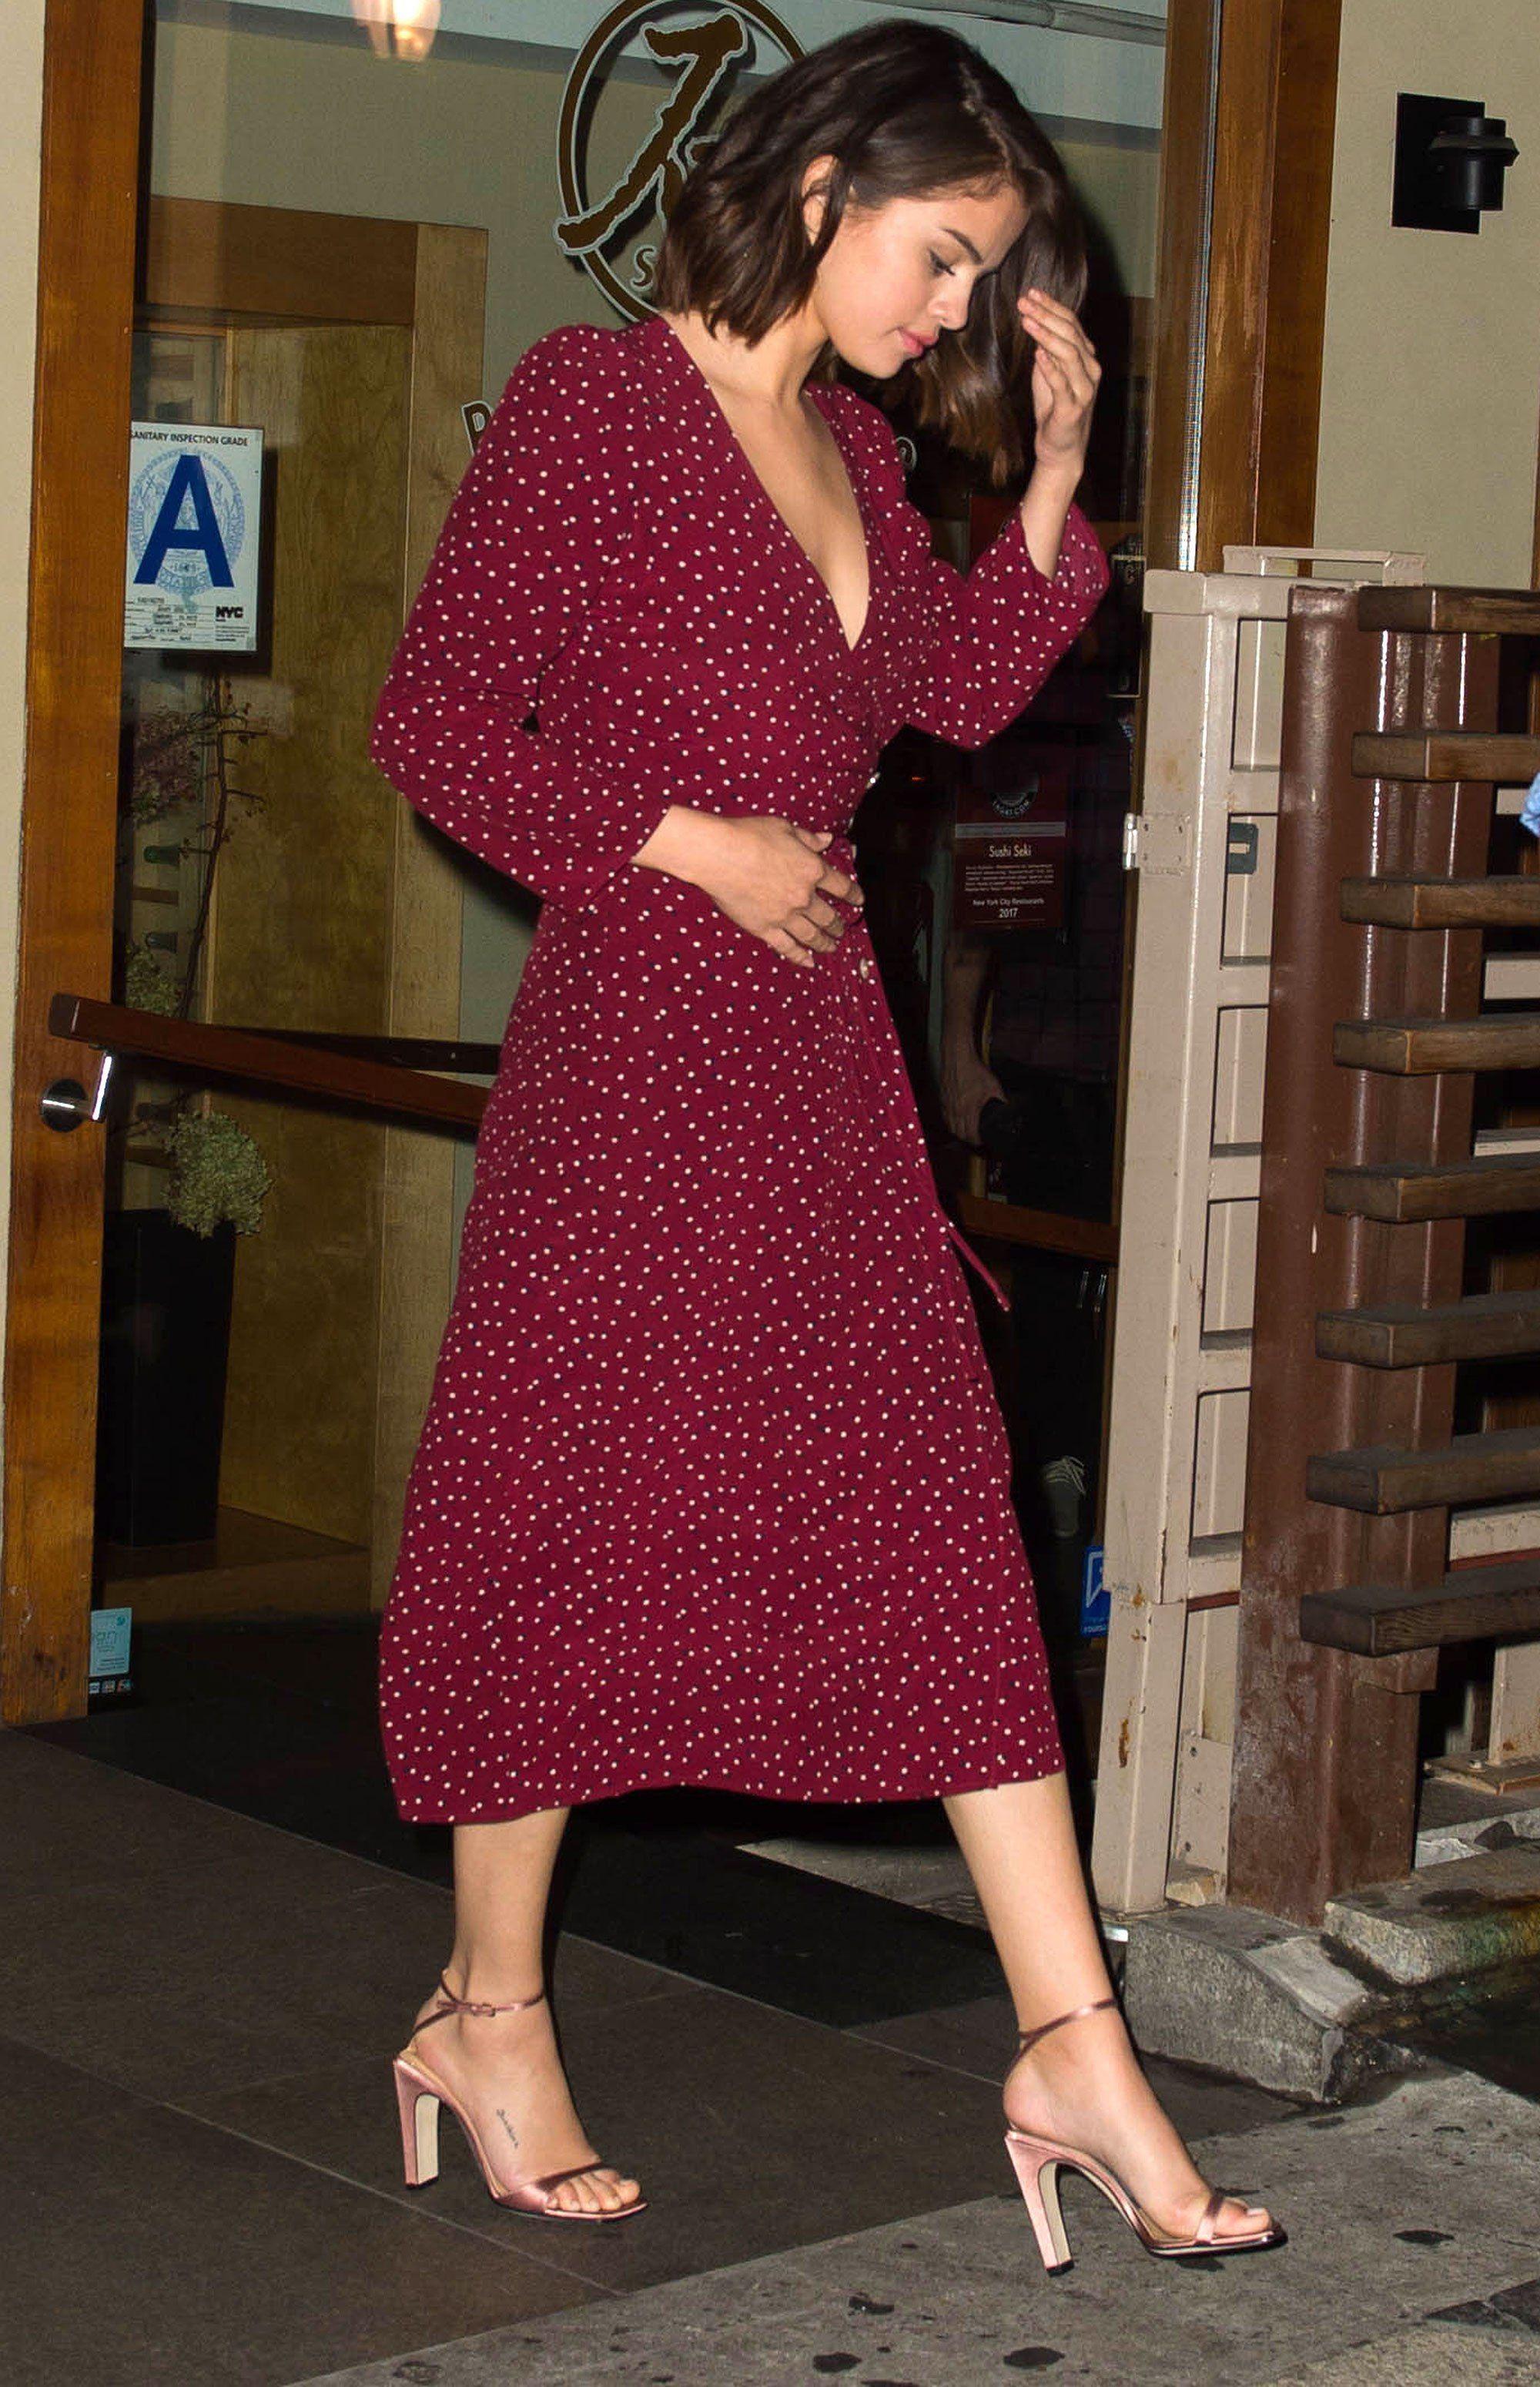 Lấy cảm hứng từ Selena Gomez, bạn sẽ nhận ra không sắm đồ chấm bi thì thiệt thòi cho phong cách quá! 0